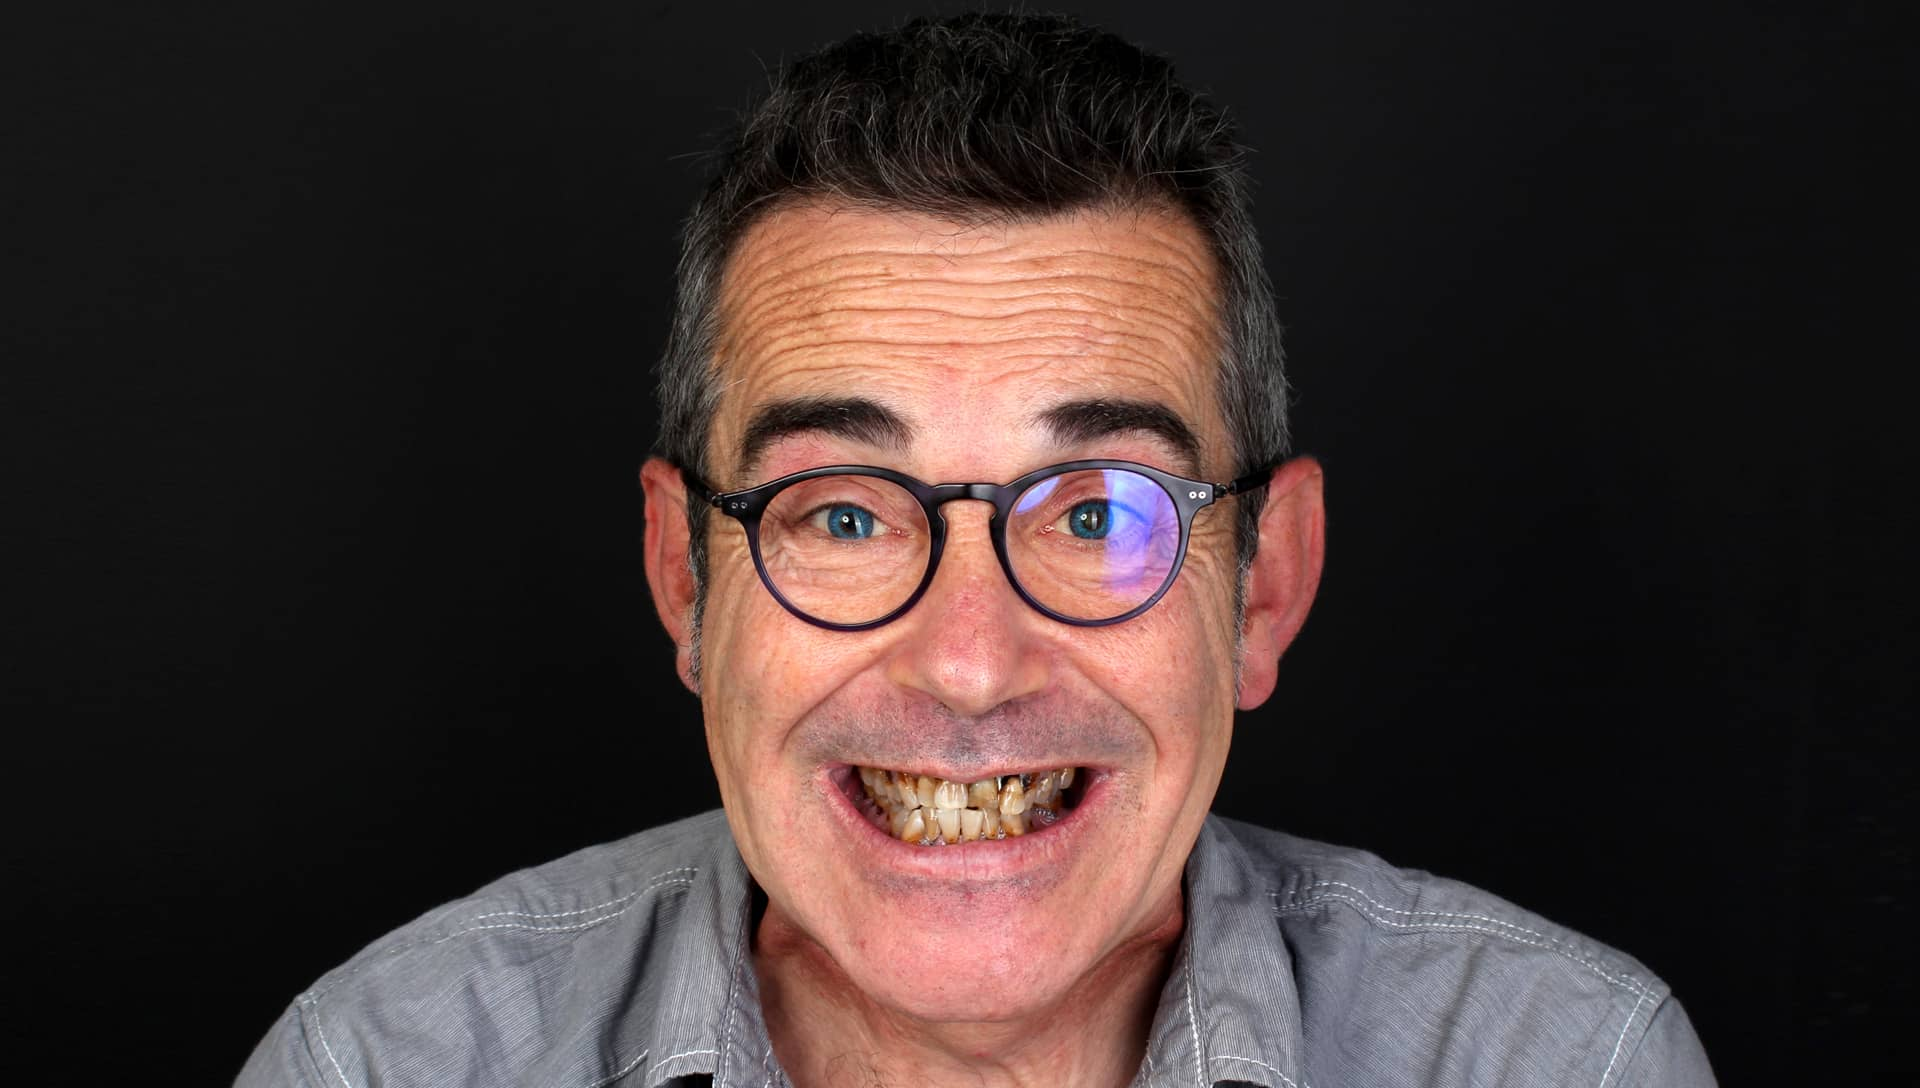 Jose Luis abans del tractament d'estètica dental i pròtesi dentals